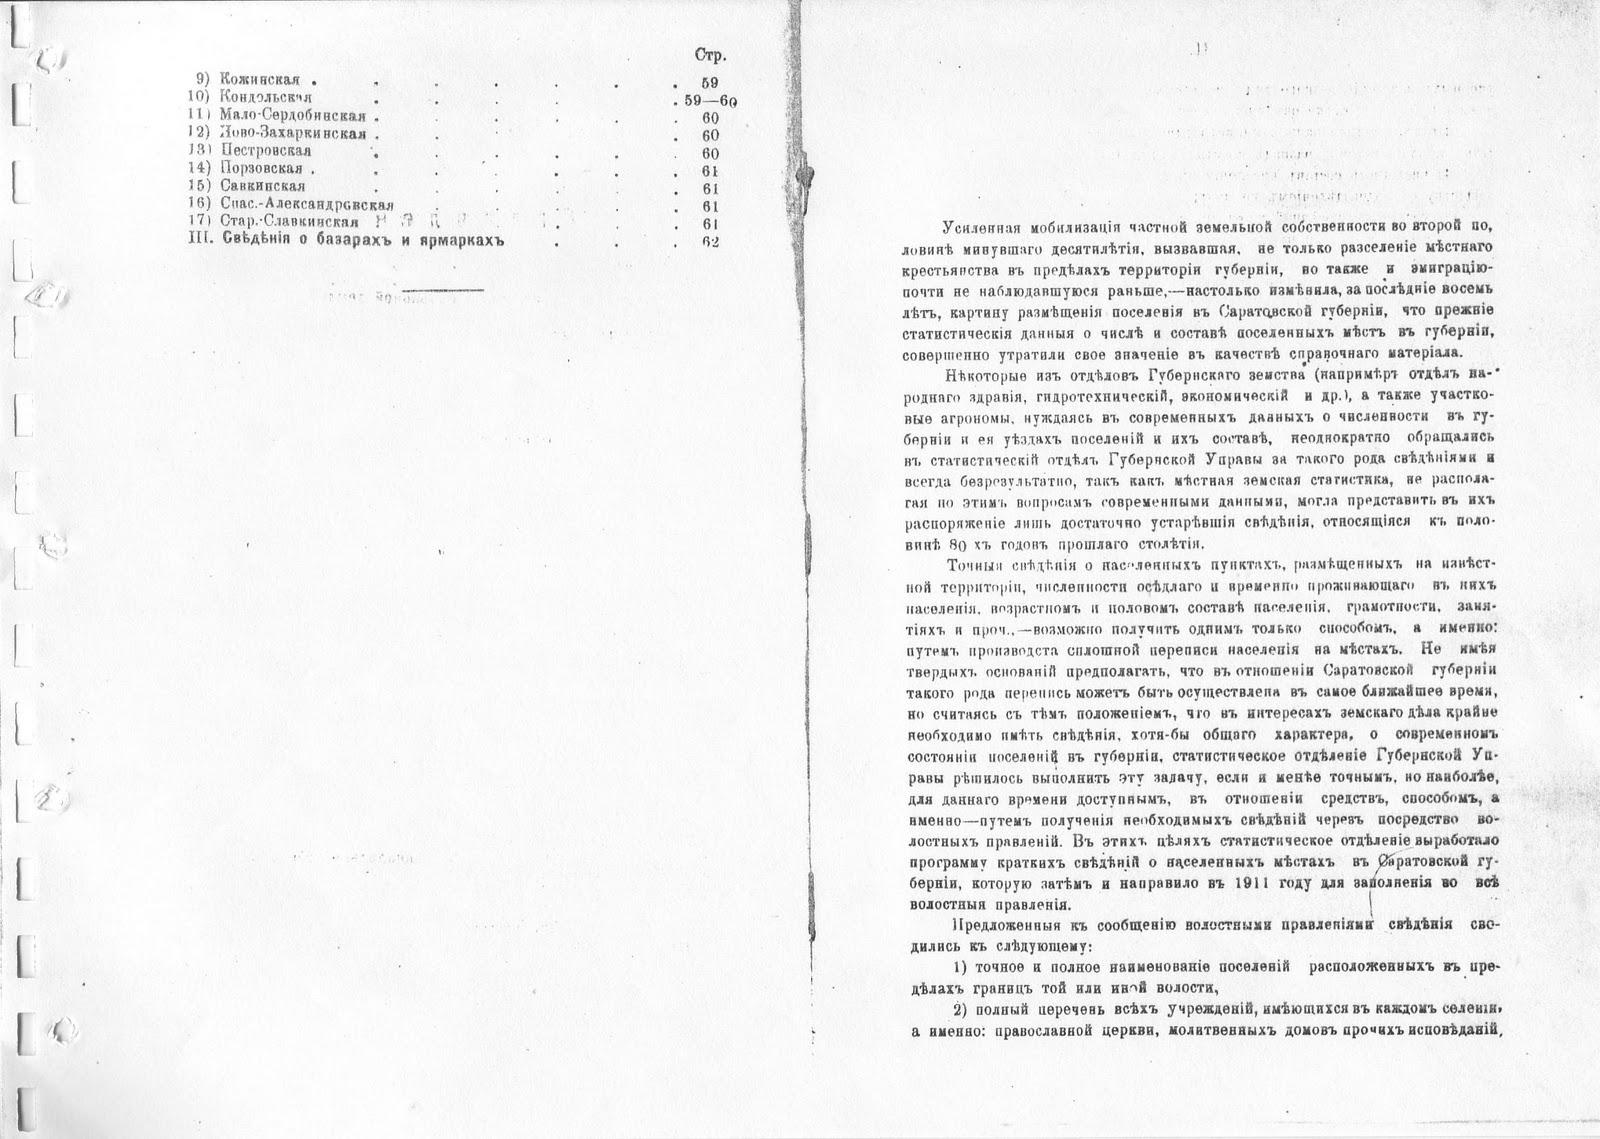 СКАЧАТЬ КНИГУ САРАТОВСКИЙ УЕЗД 1911 СКАЧАТЬ БЕСПЛАТНО